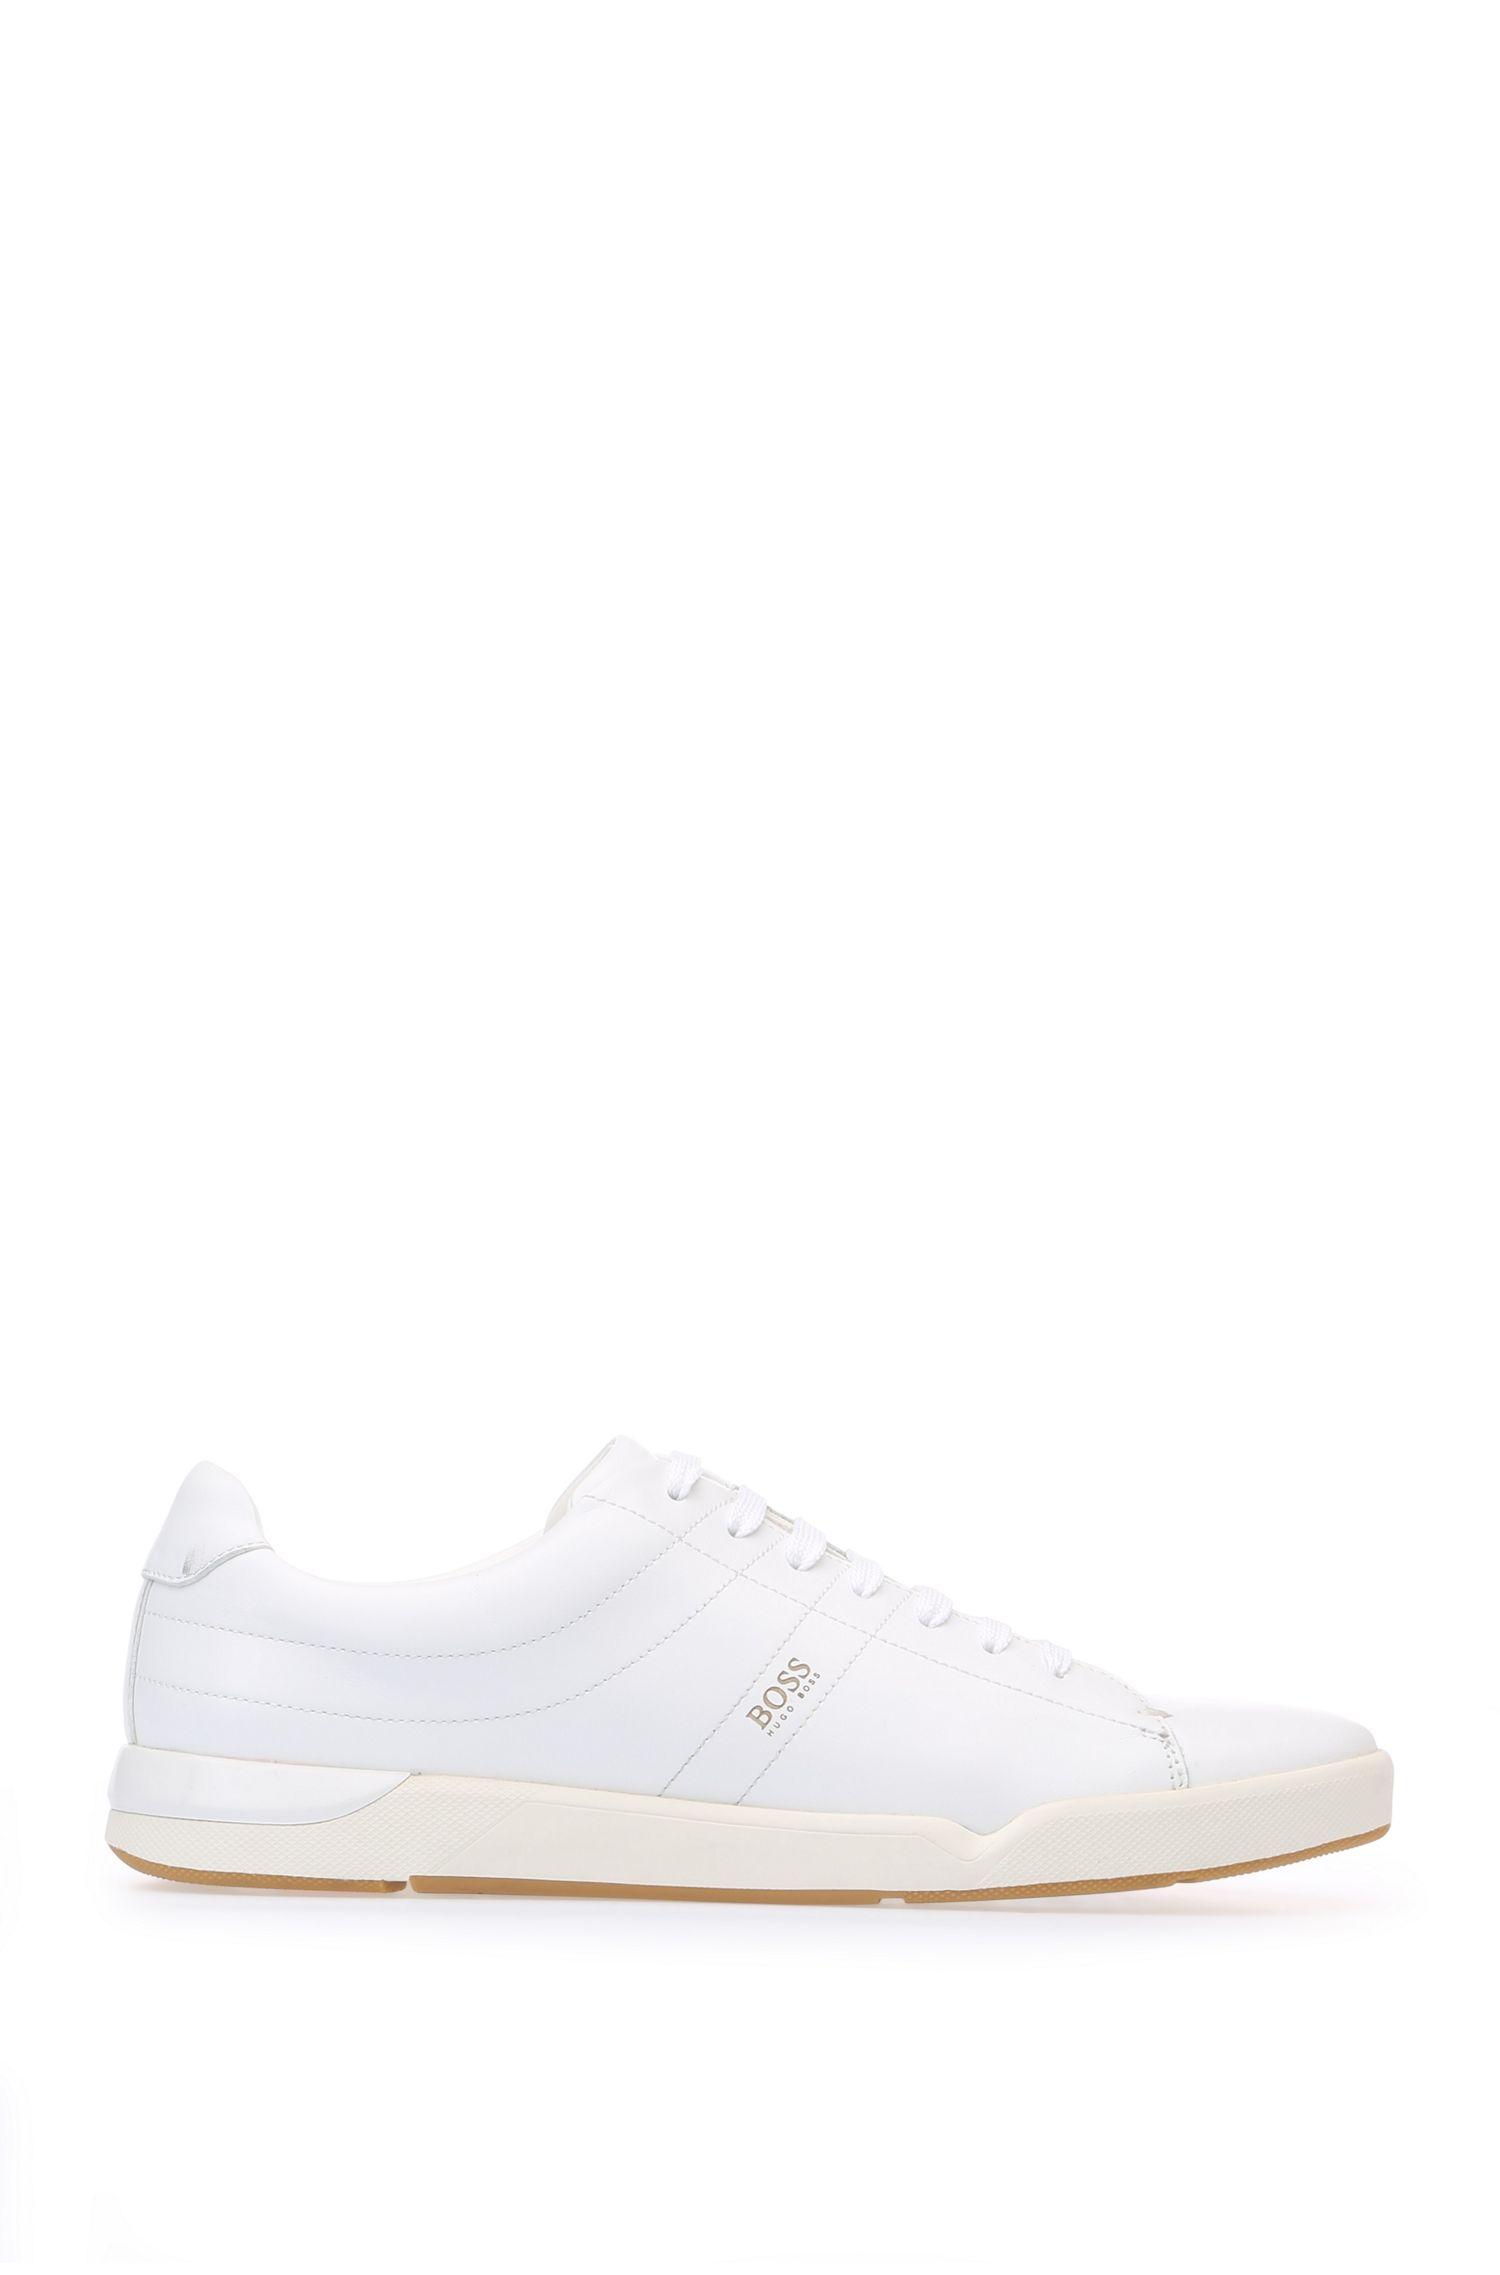 Sneakers aus glattem Leder: Stillnes_Tenn_ltpl